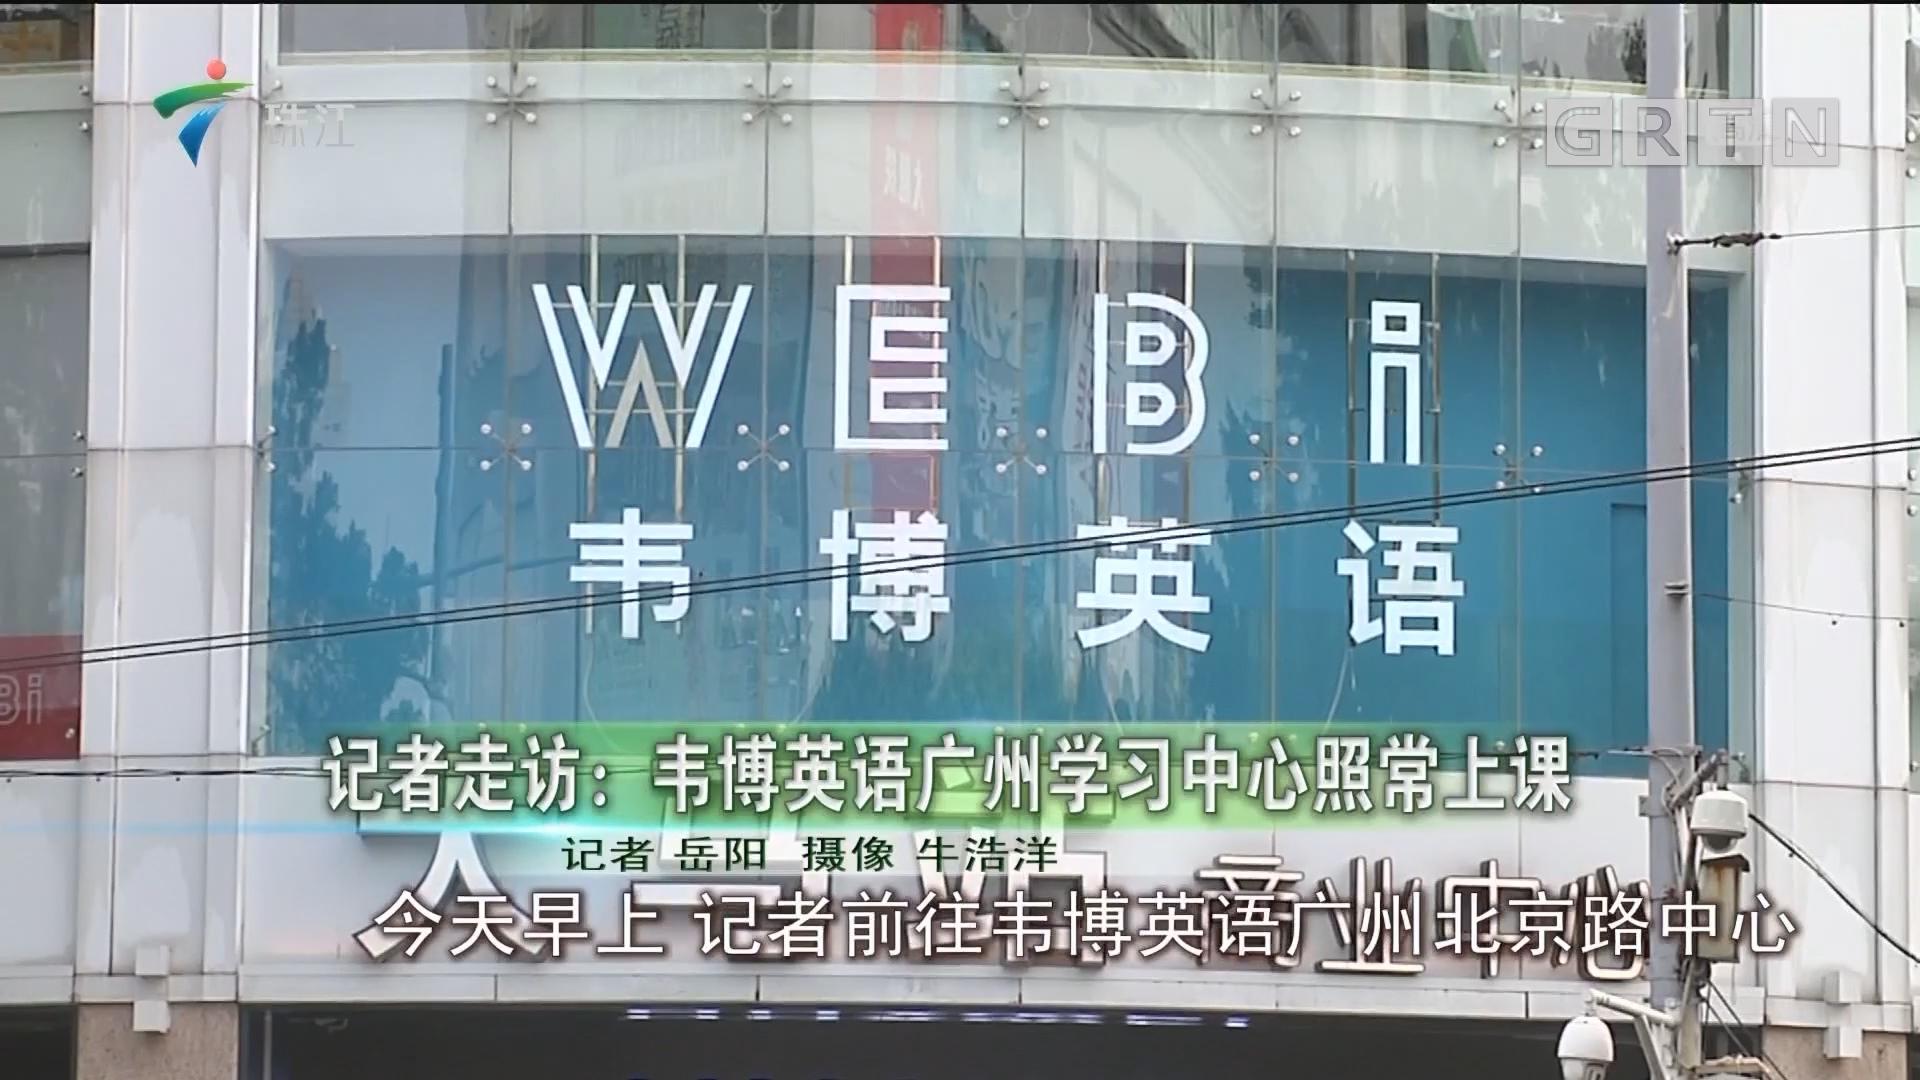 记者走访:韦博英语广州学习中心照常上课